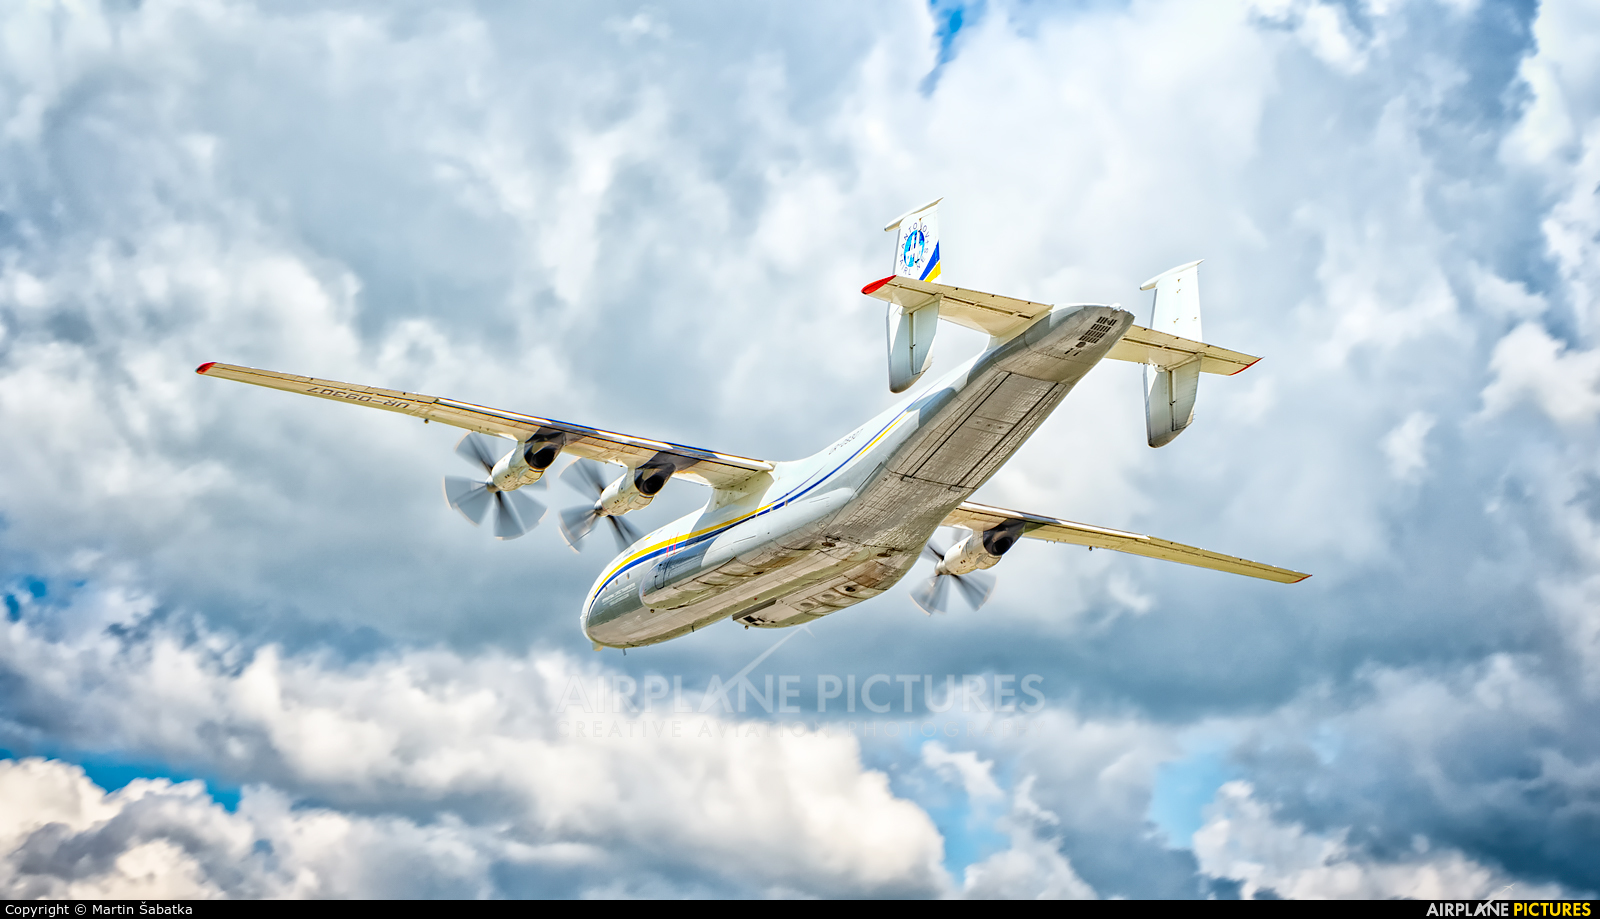 Antonov Airlines /  Design Bureau UR-09307 aircraft at Pardubice